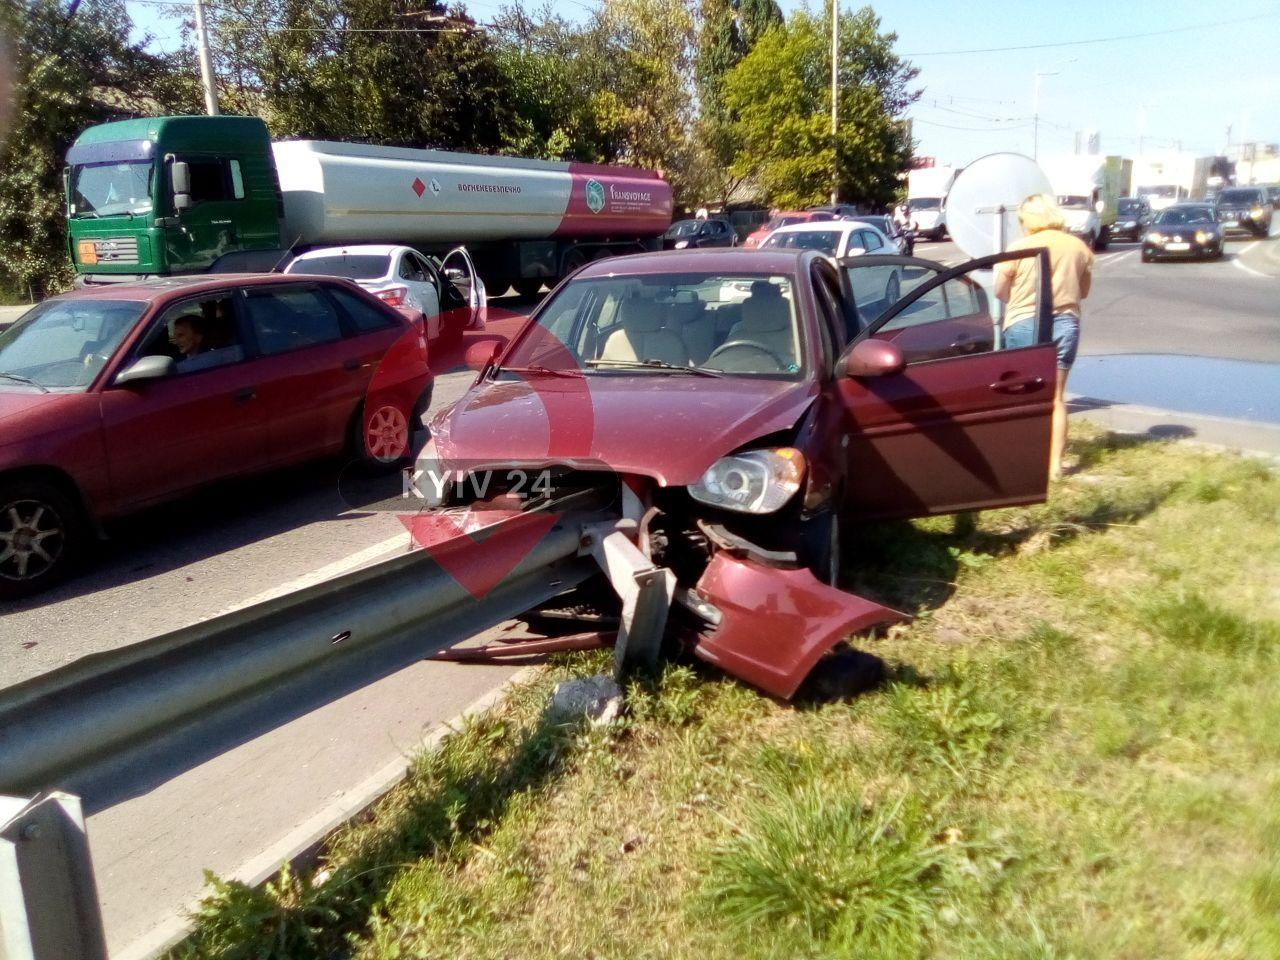 Затори у напрямку «Святошина»: на Кільцевій дорозі сталася аварія -  - IMG 20200905 134405 512